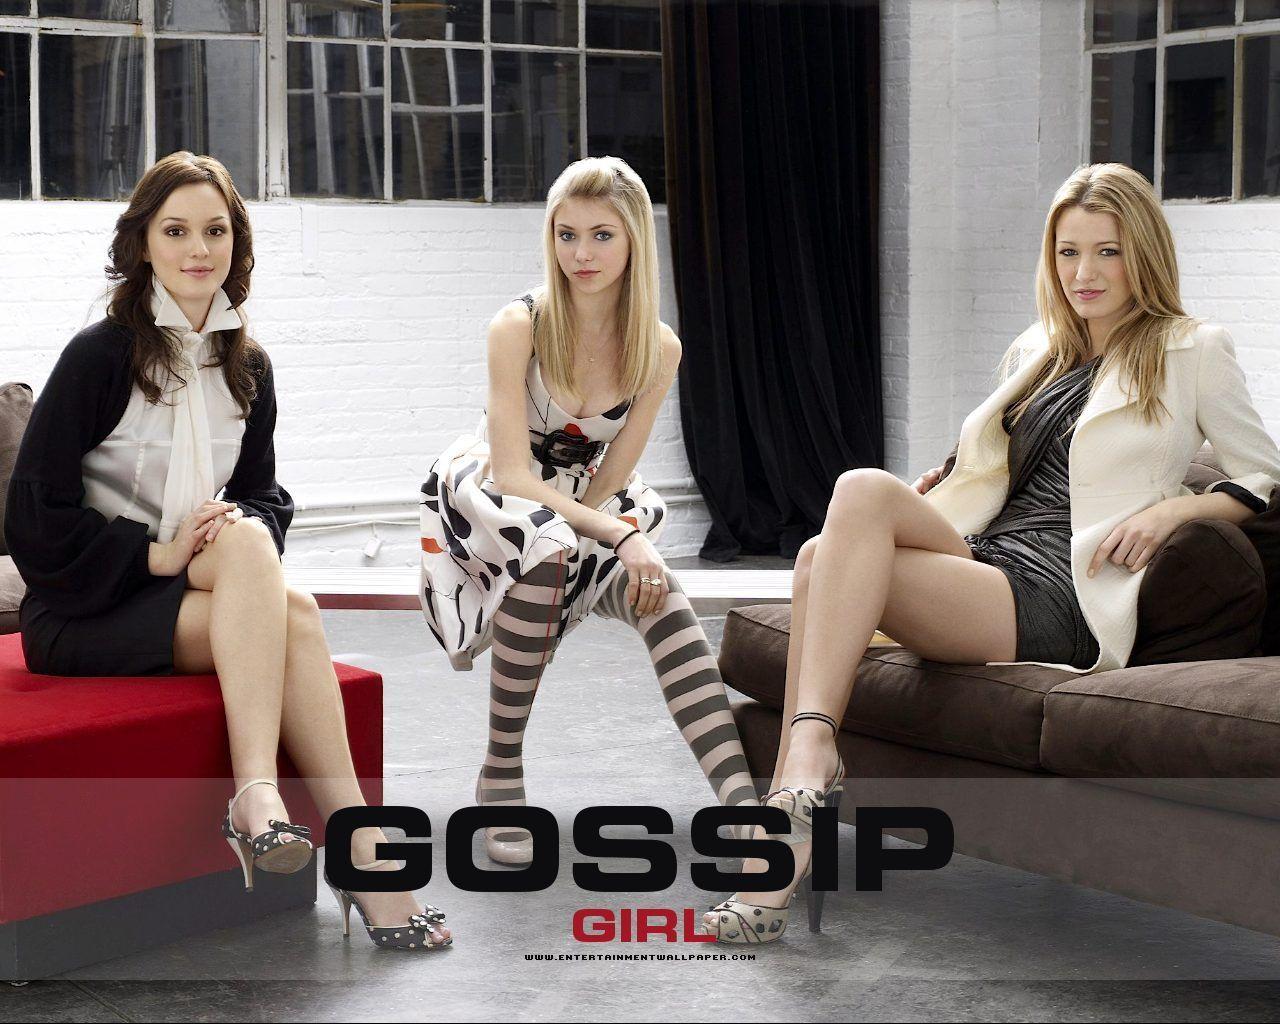 Blake lively gossip girl